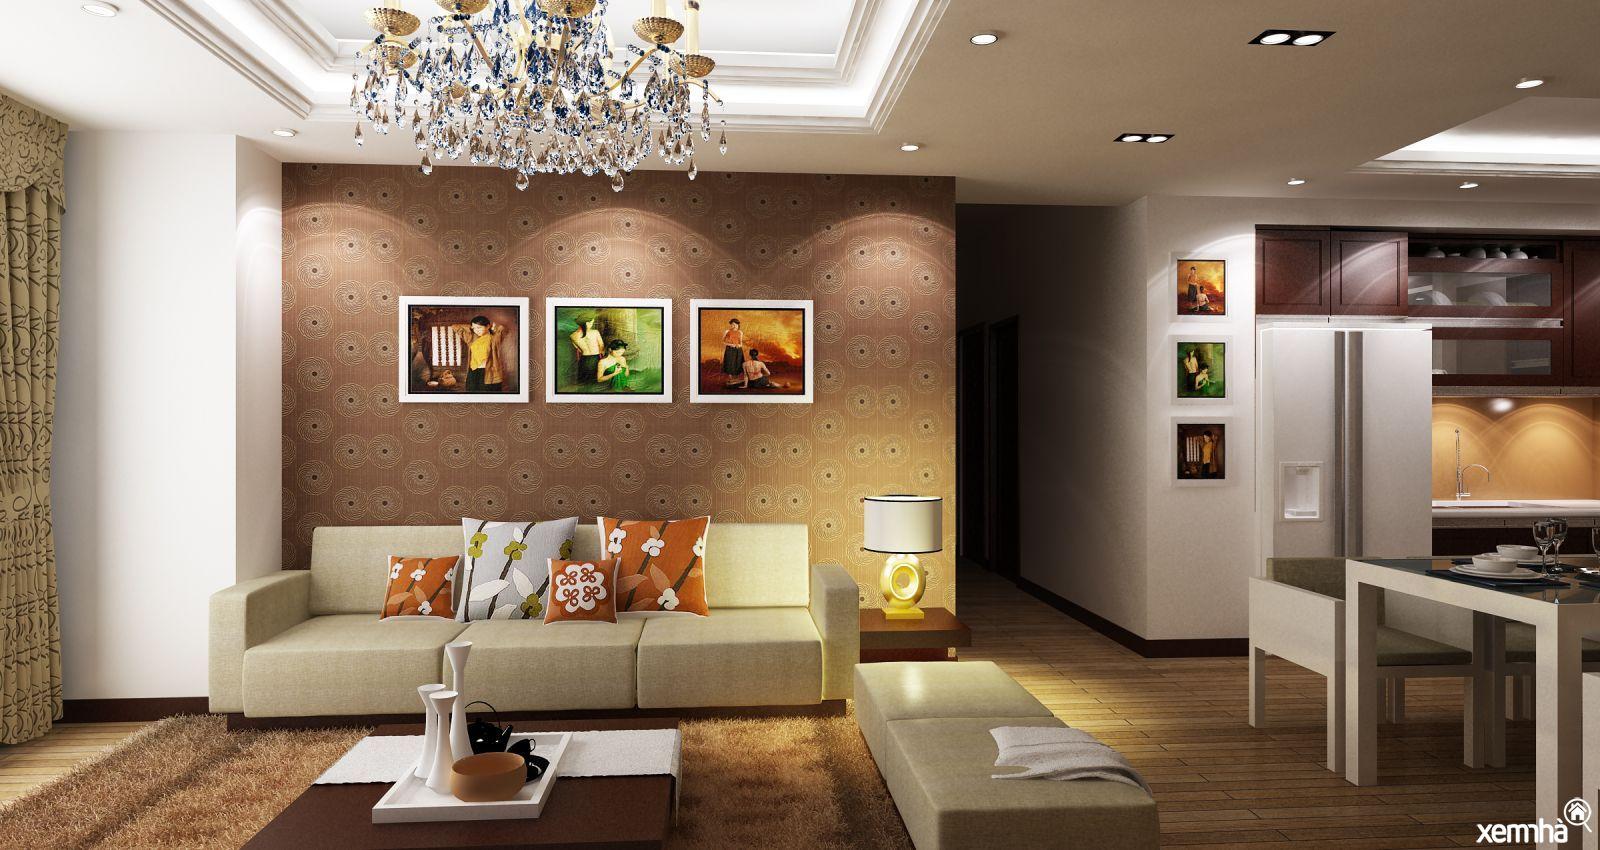 Bảo hành căn hộ chung cư